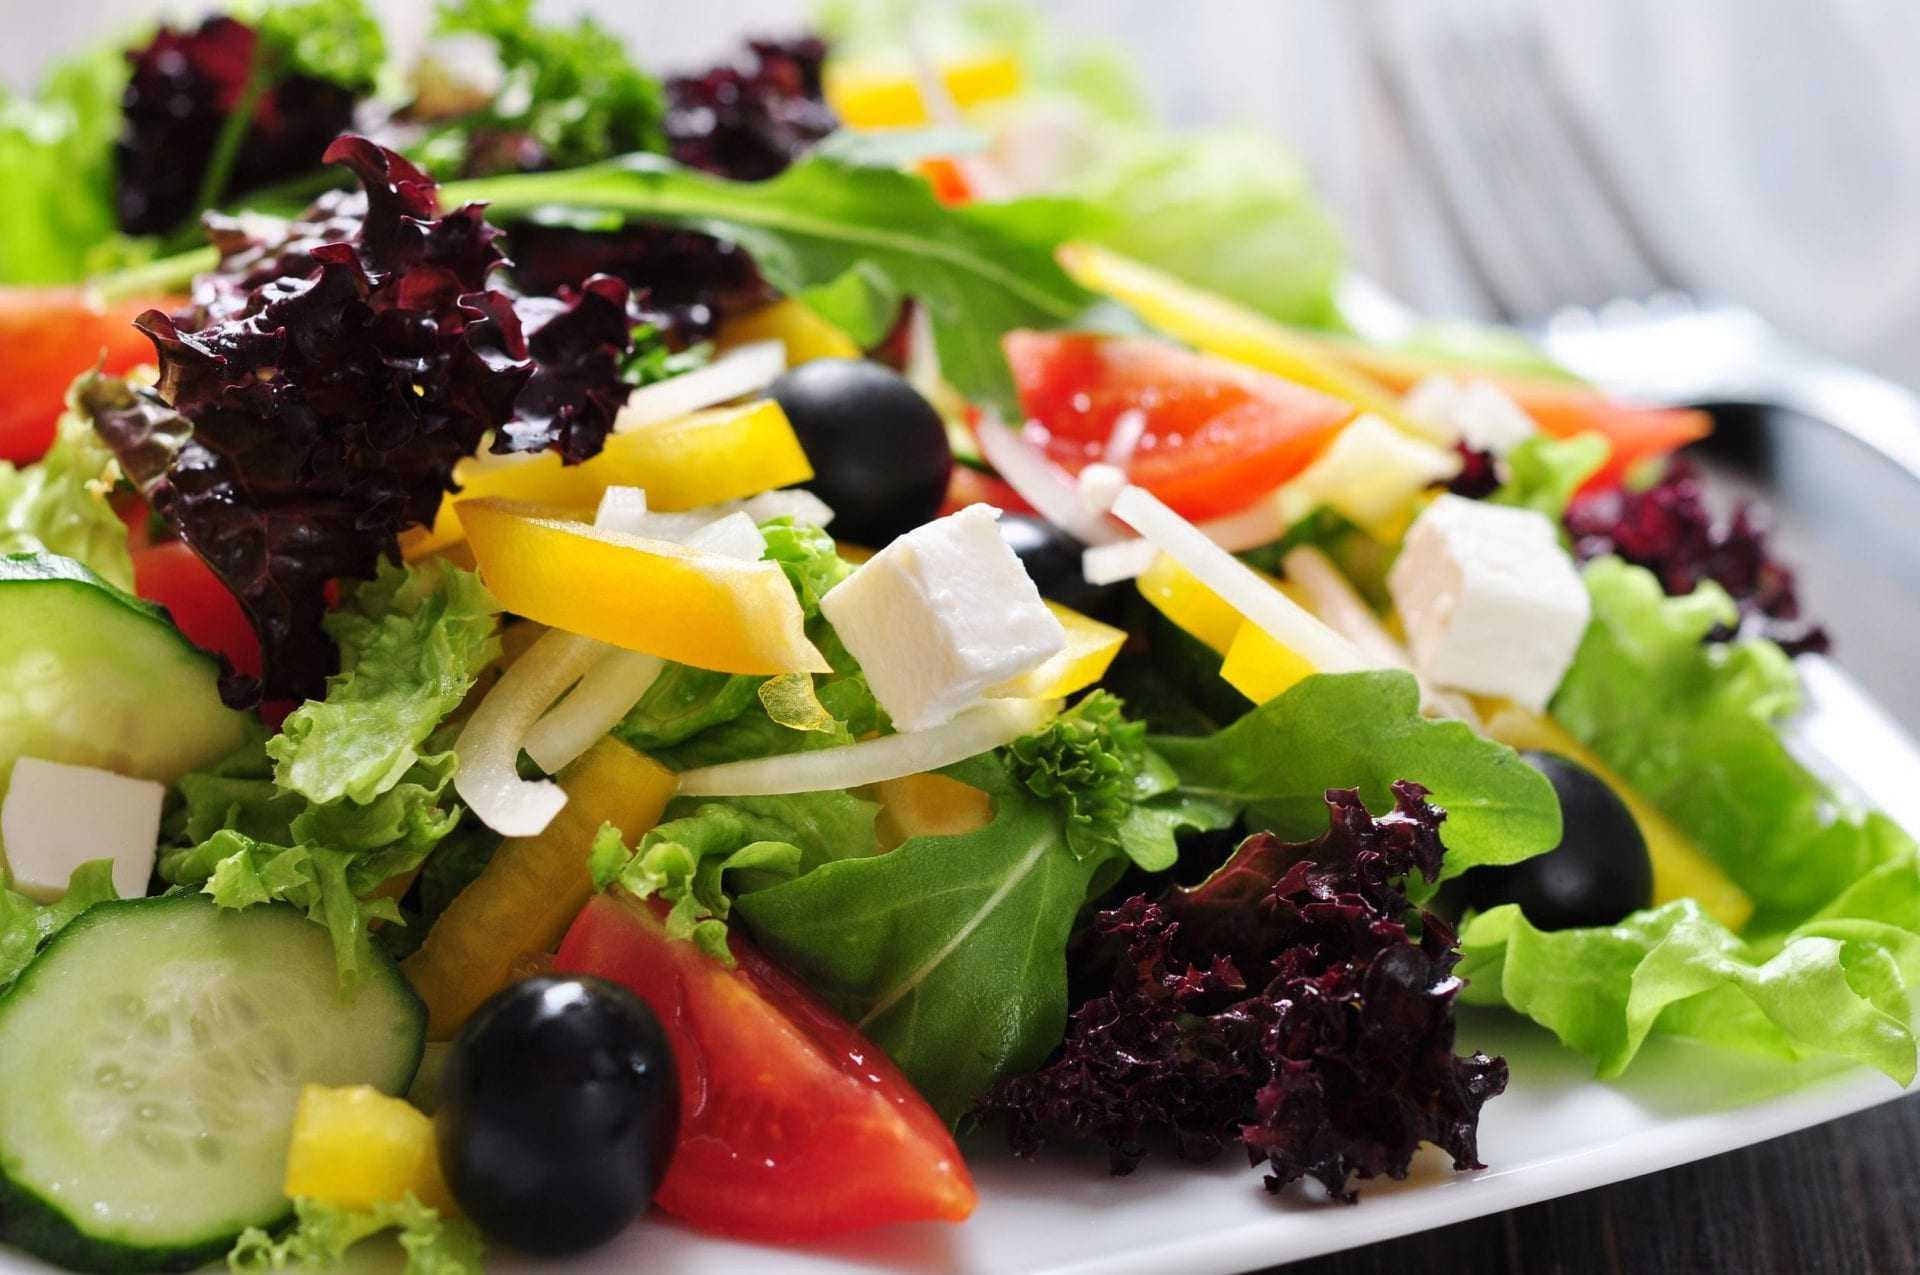 greek-salad-is-trending-olive-oil-times